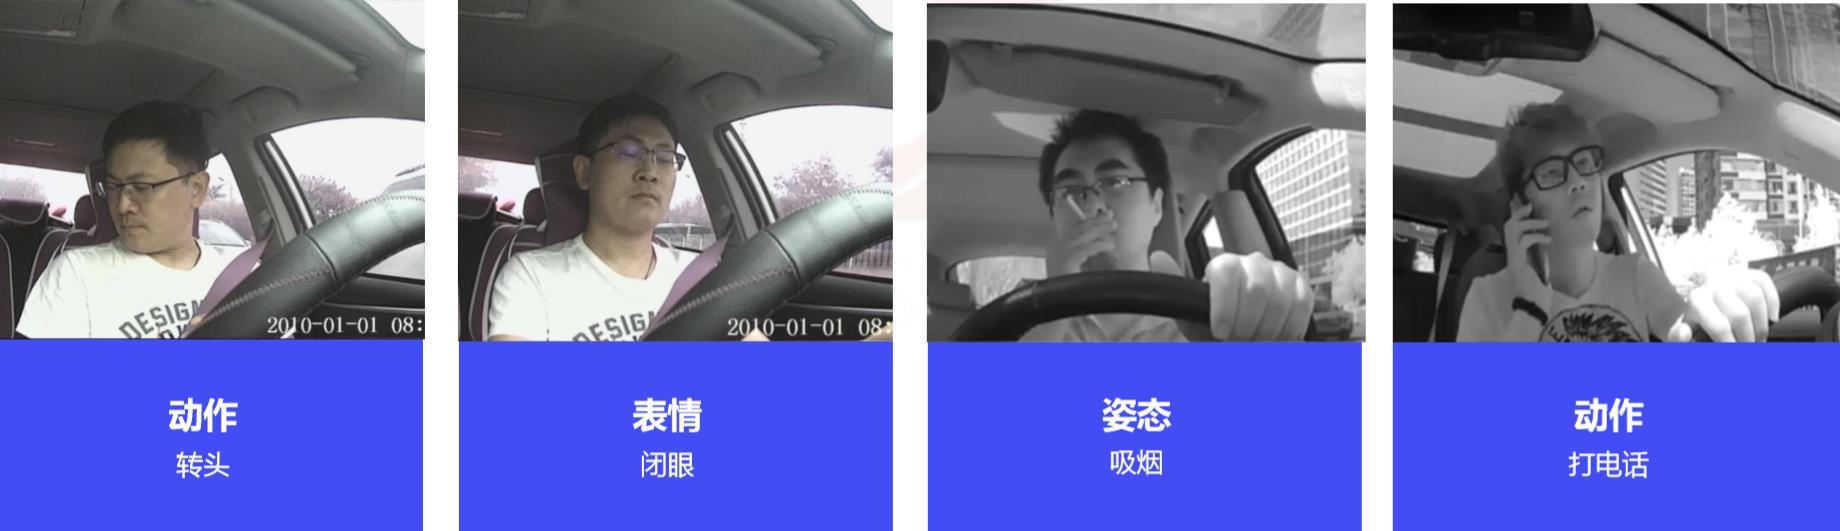 疲劳驾驶检测